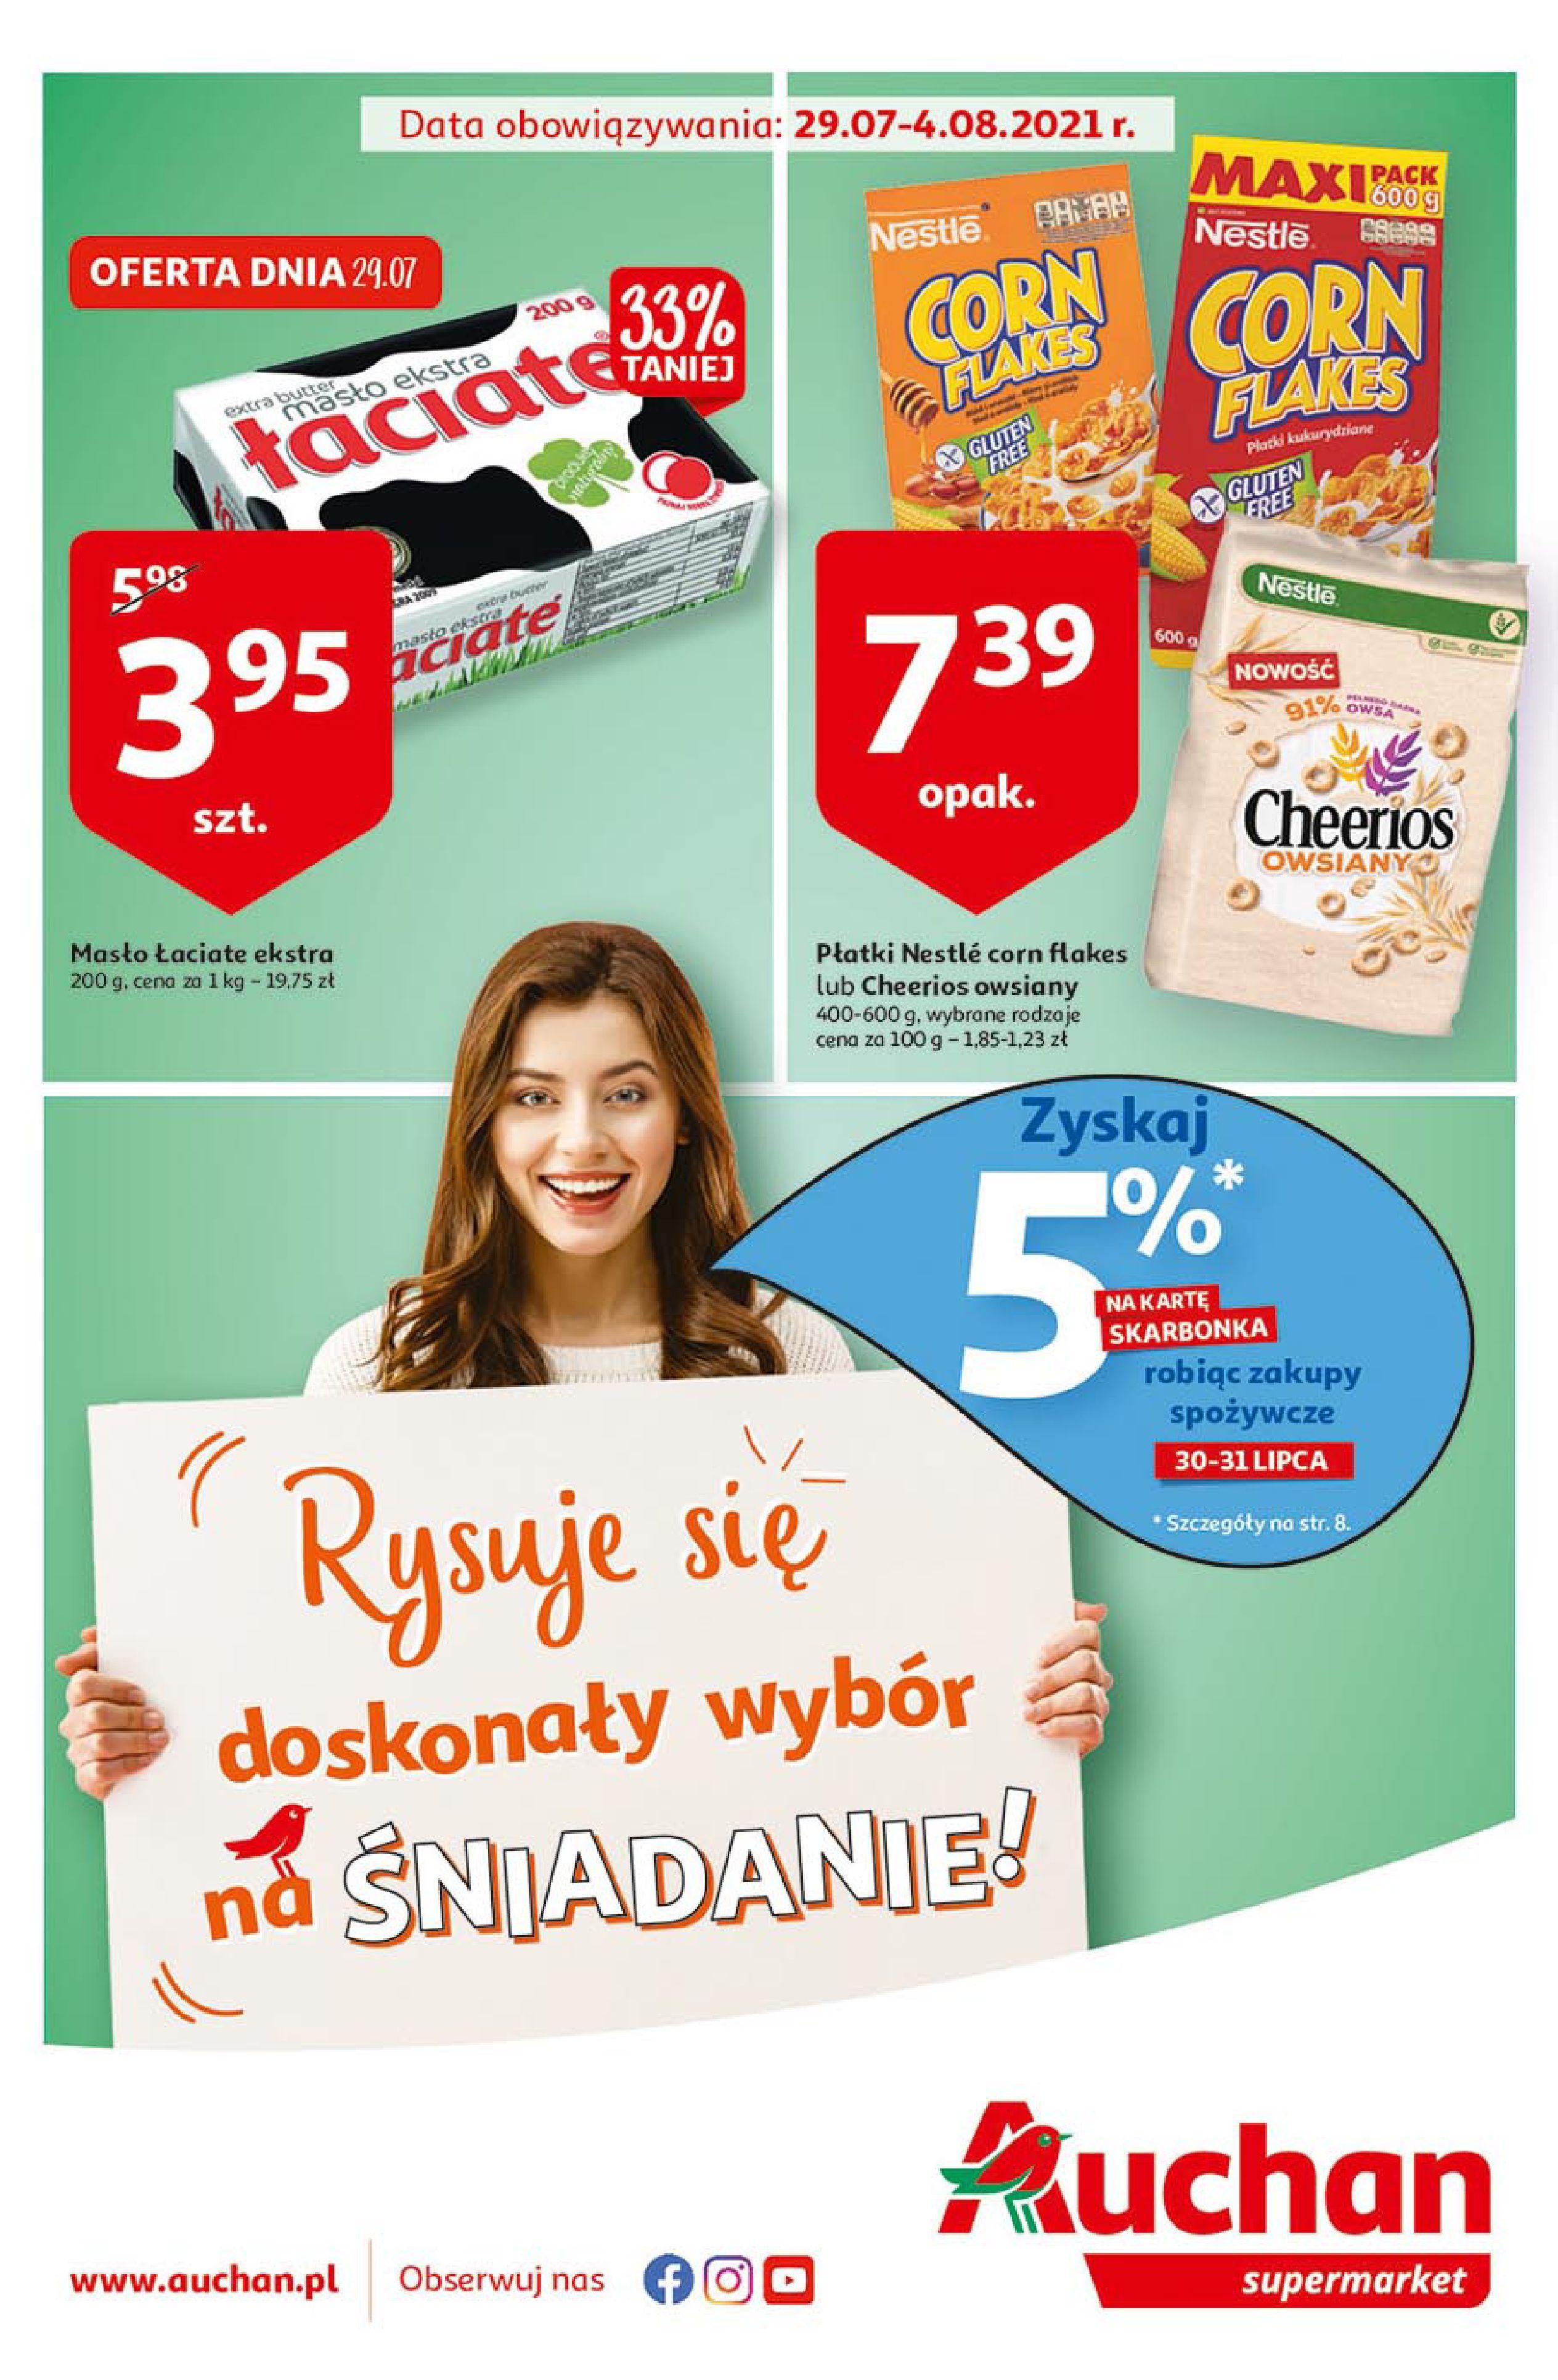 Auchan:  Gazetka Auchan - Śniadania 28.07.2021